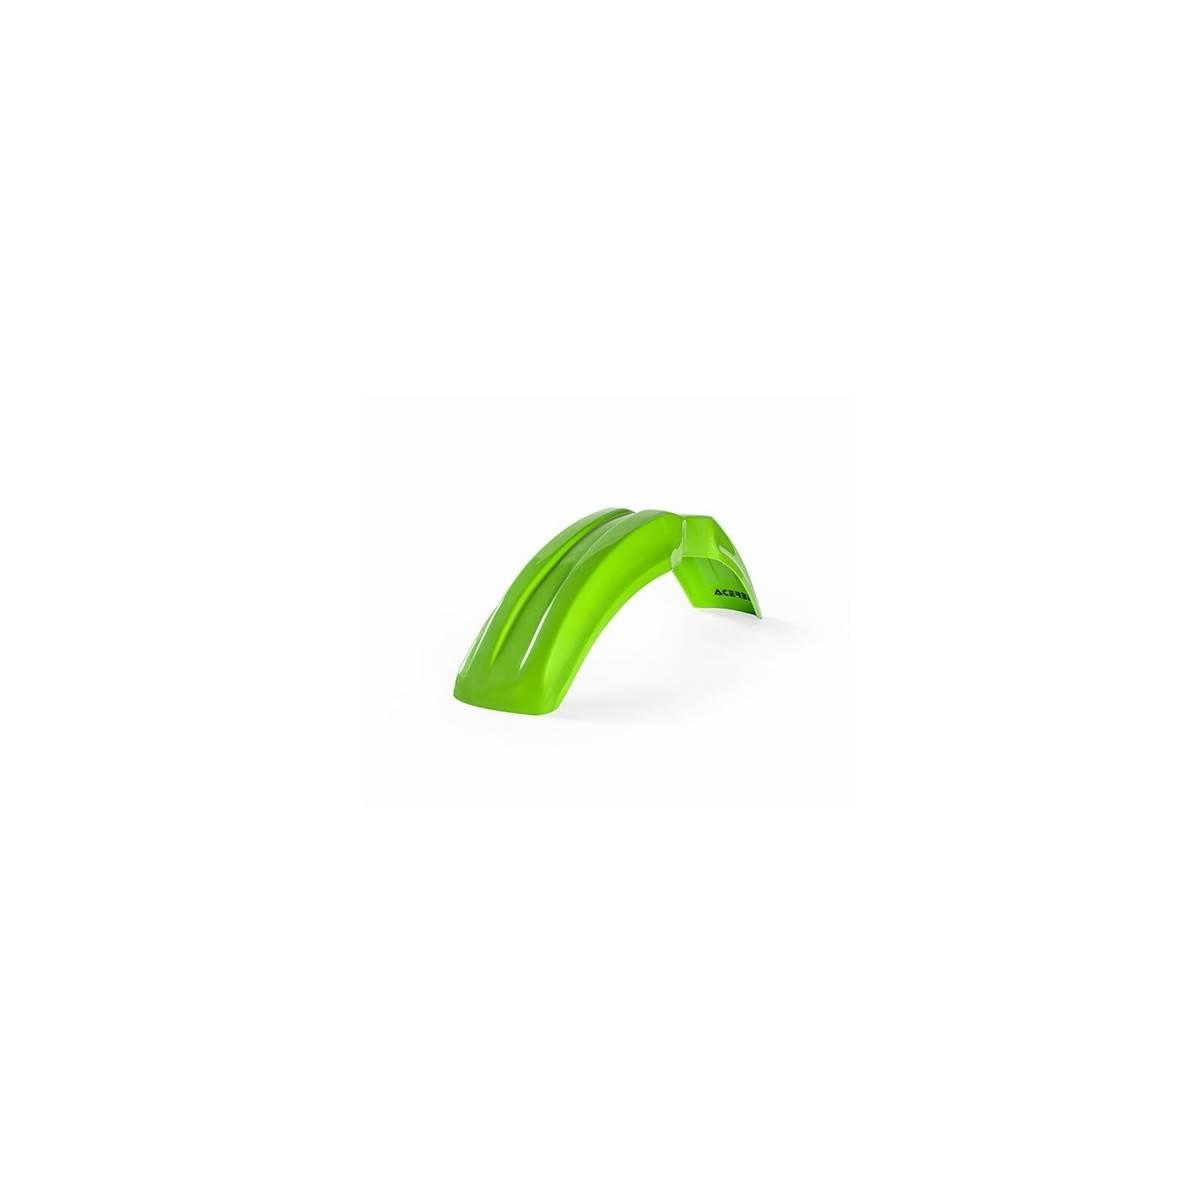 0008340-130 - Guardabarros Delantero Acerbis Kx85 98 13 Verde